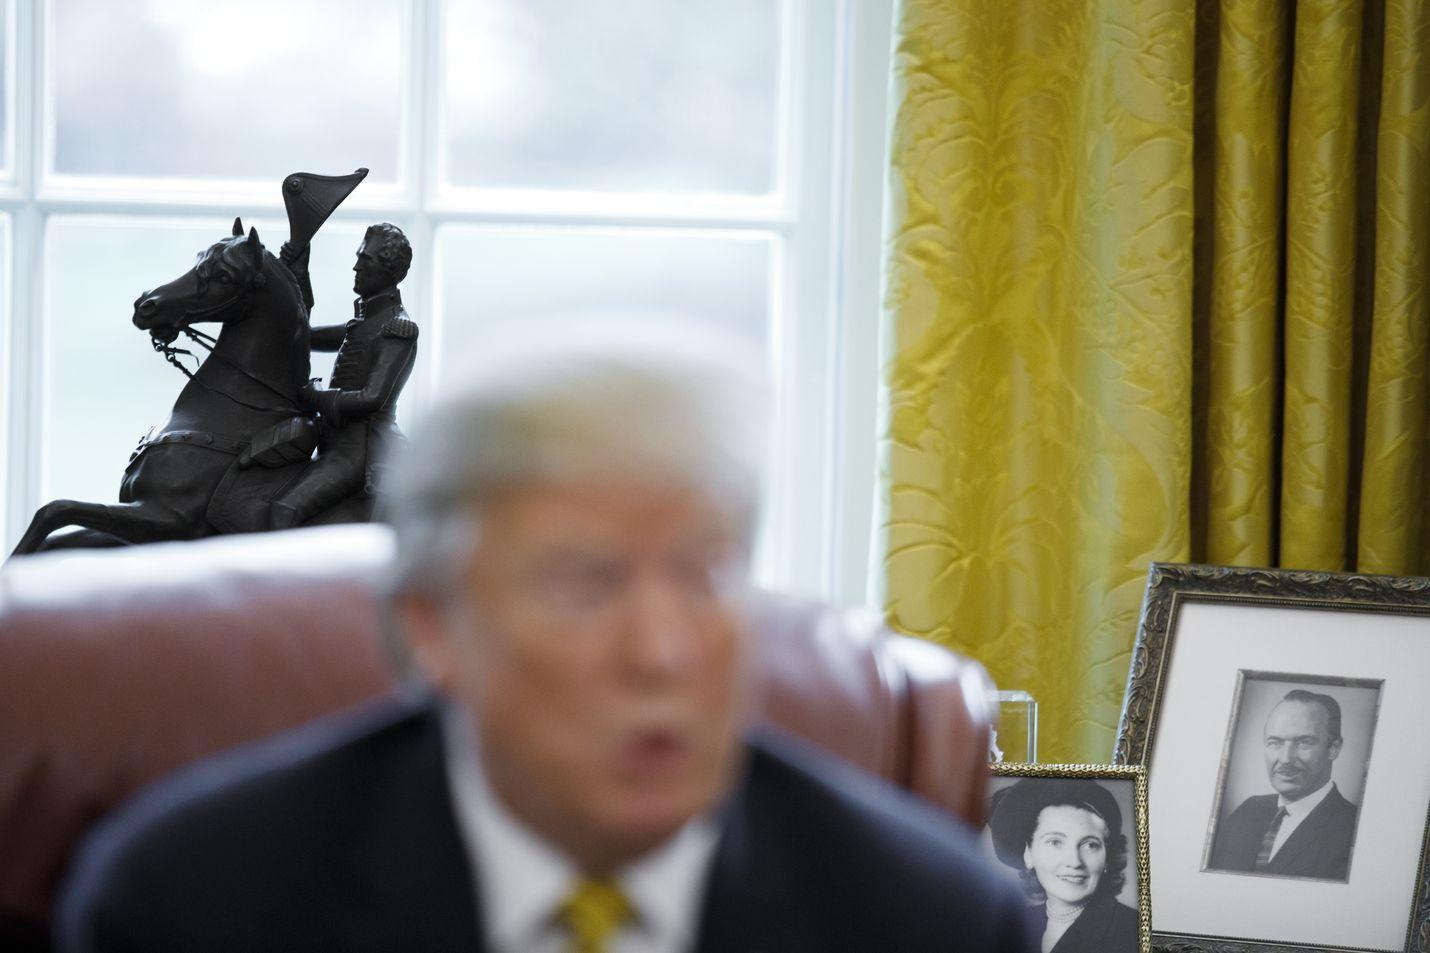 Yhdysvaltain presidentti Donald Trump pitää työhuoneessaan esillä vanhempiensa Mary Anne MacLeodin ja Fred Trump Sr:n kuvia. Kuva on otettu huhtikuussa 2019.